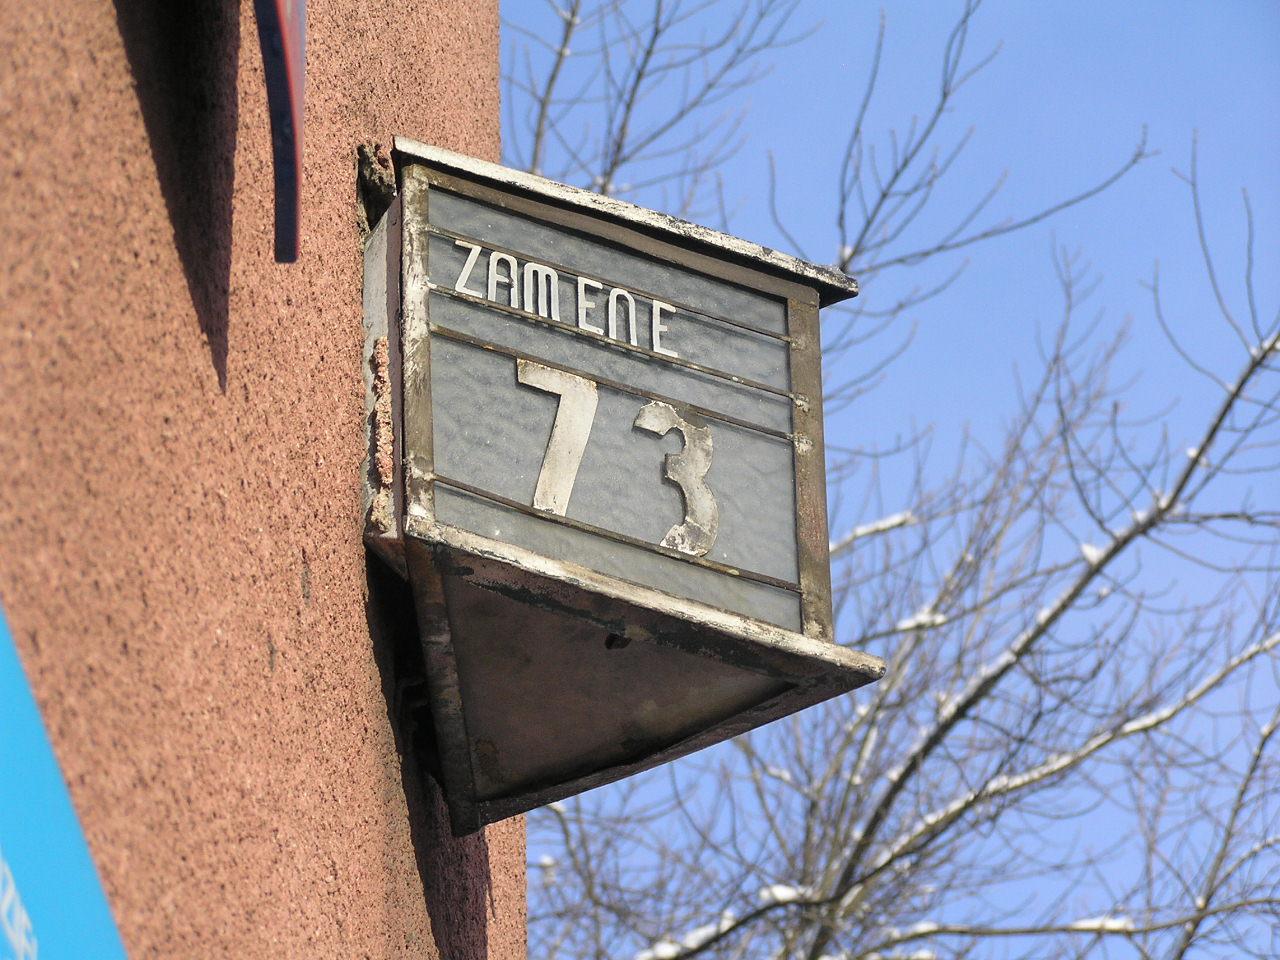 Latarenka adresowa przy ulicy Zamienieckiej 73 na Grochowie